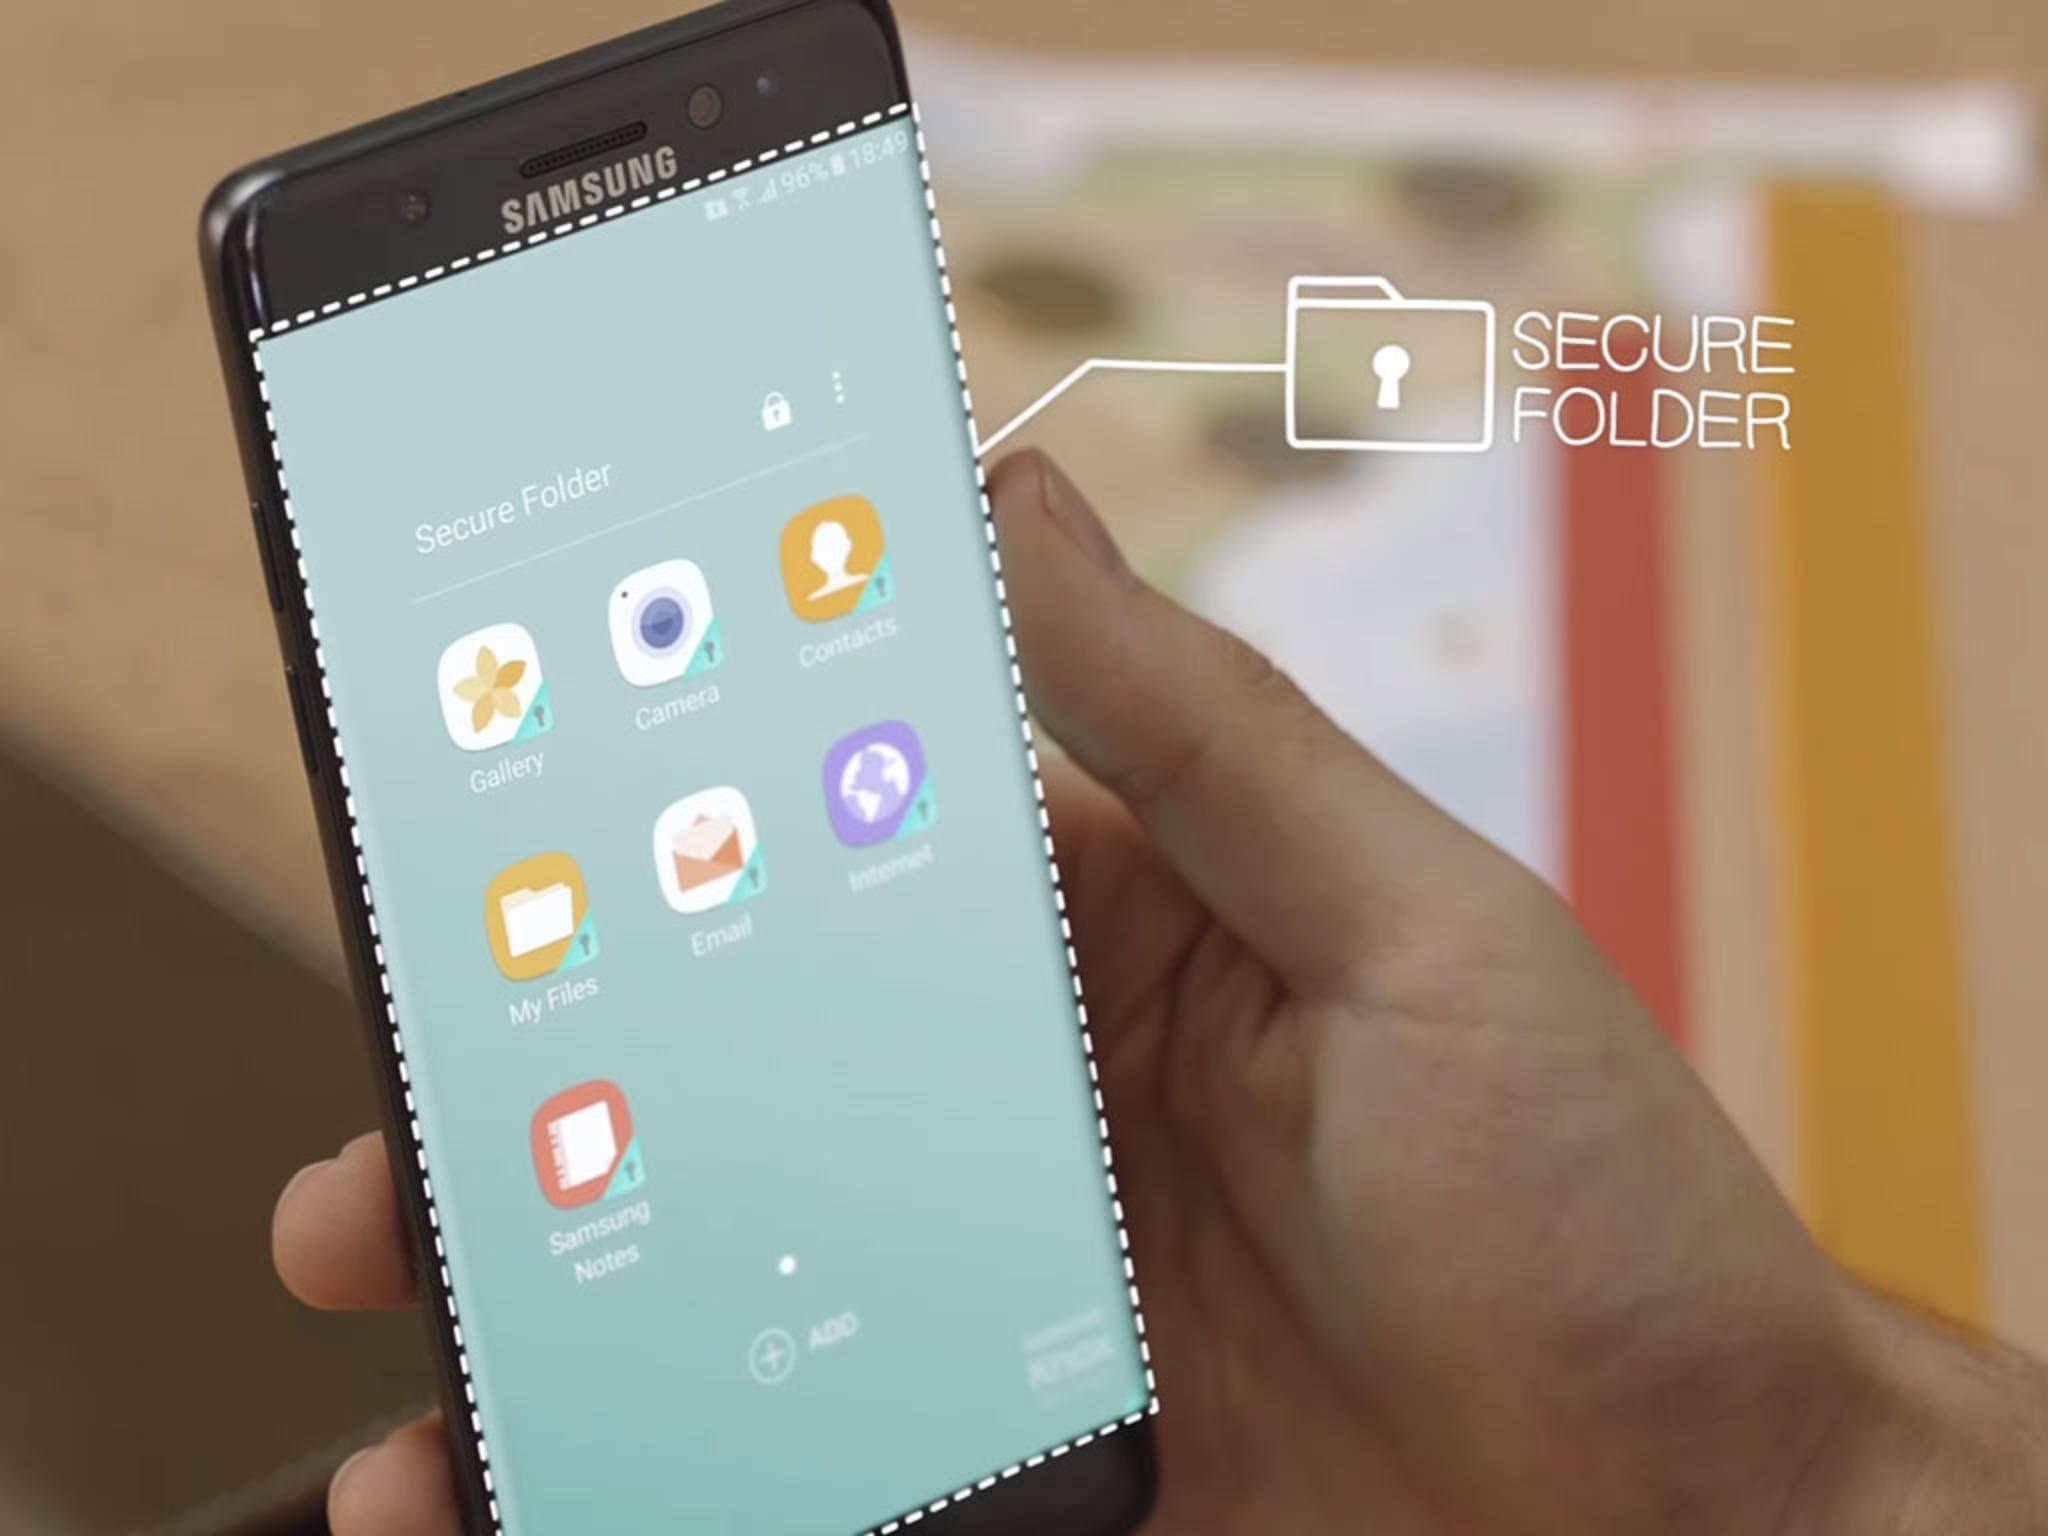 Die Nutzeroberfläche des Galaxy Note 7 soll bald auch auf dem Galaxy S7 verfügbar sein.